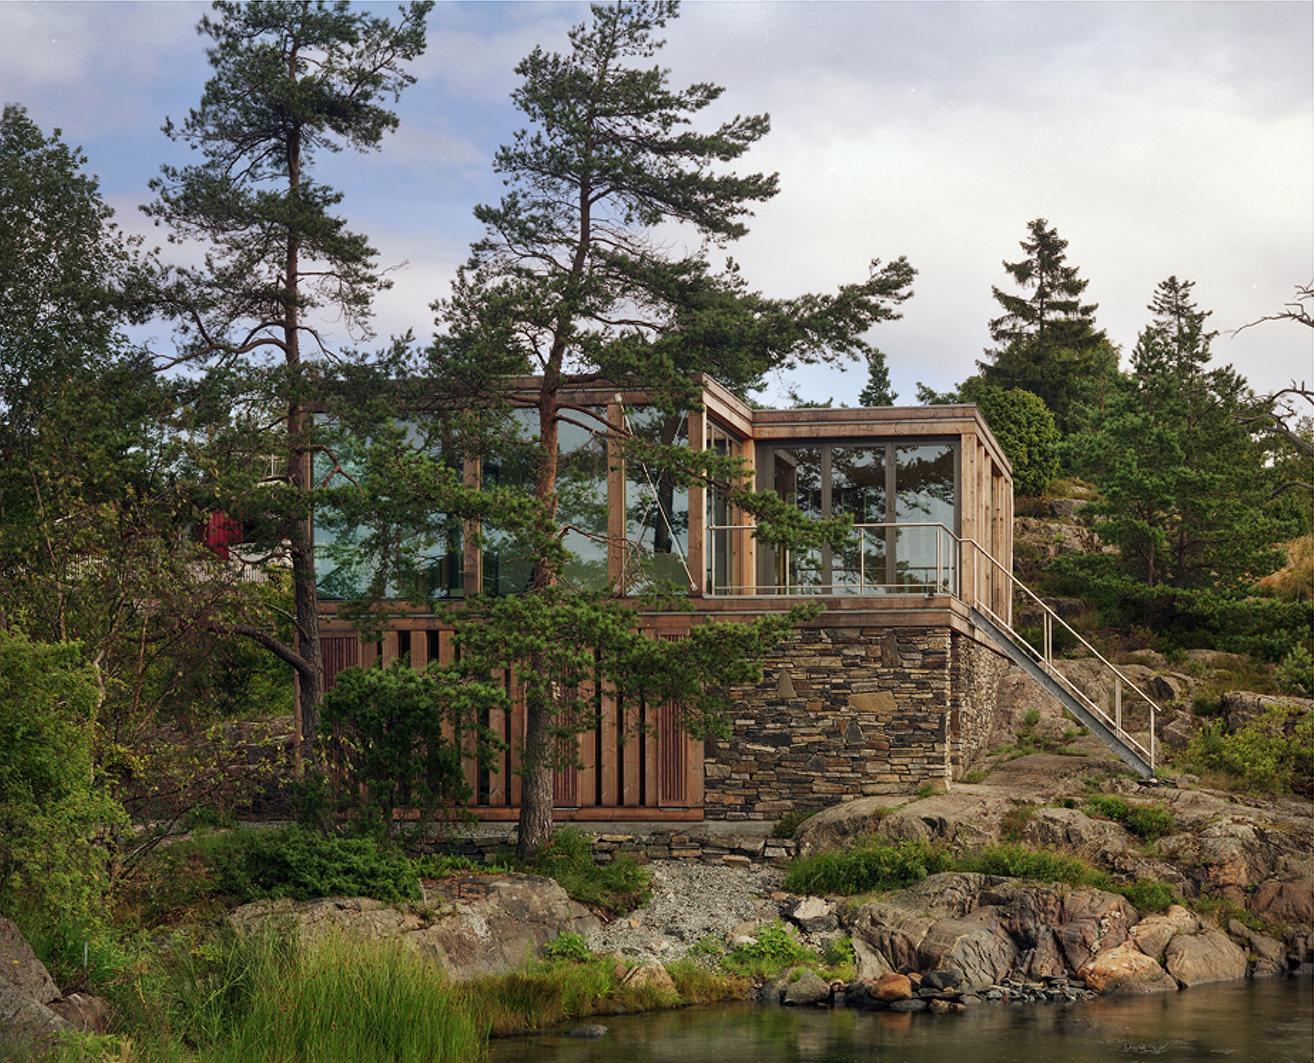 Grunnsund